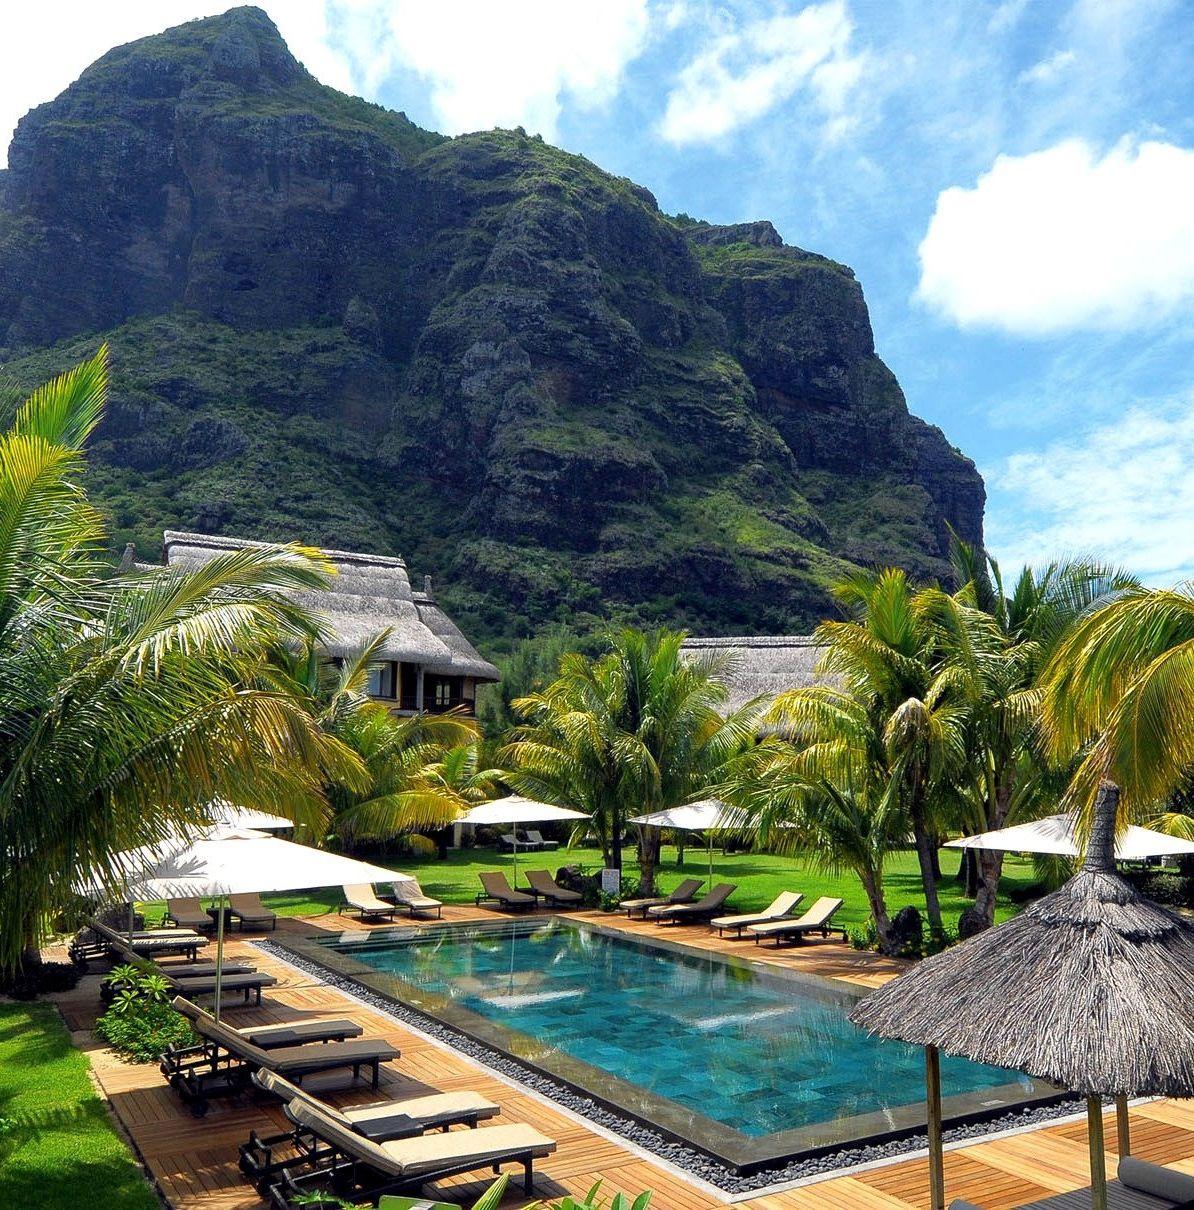 Dinarobin hotel mauritius amazing pools isla mauricio viajes y islas - Piscinas 7 islas ...